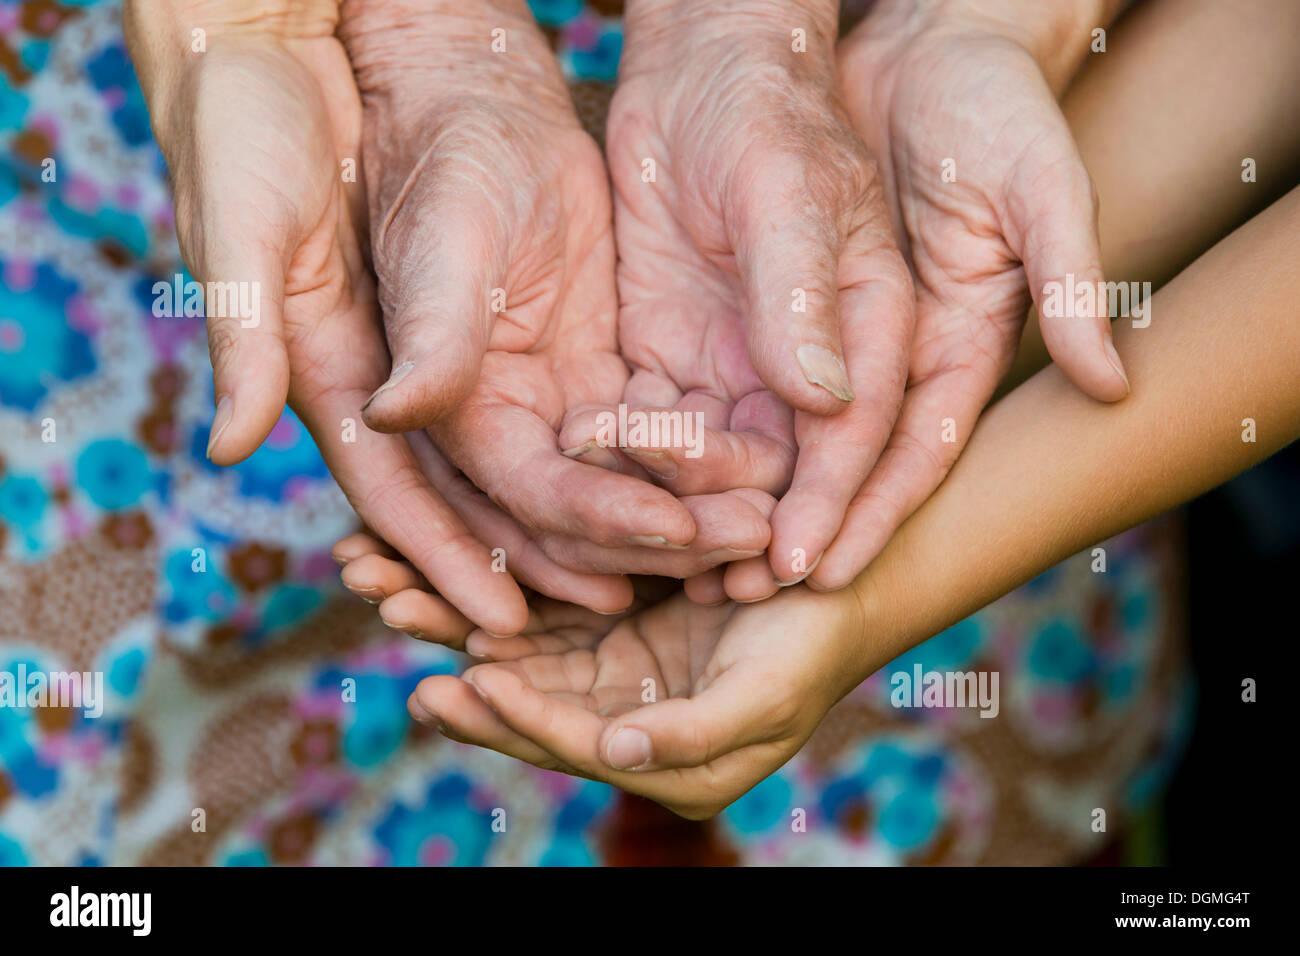 Las manos de un adulto, una anciana y un niño Foto de stock